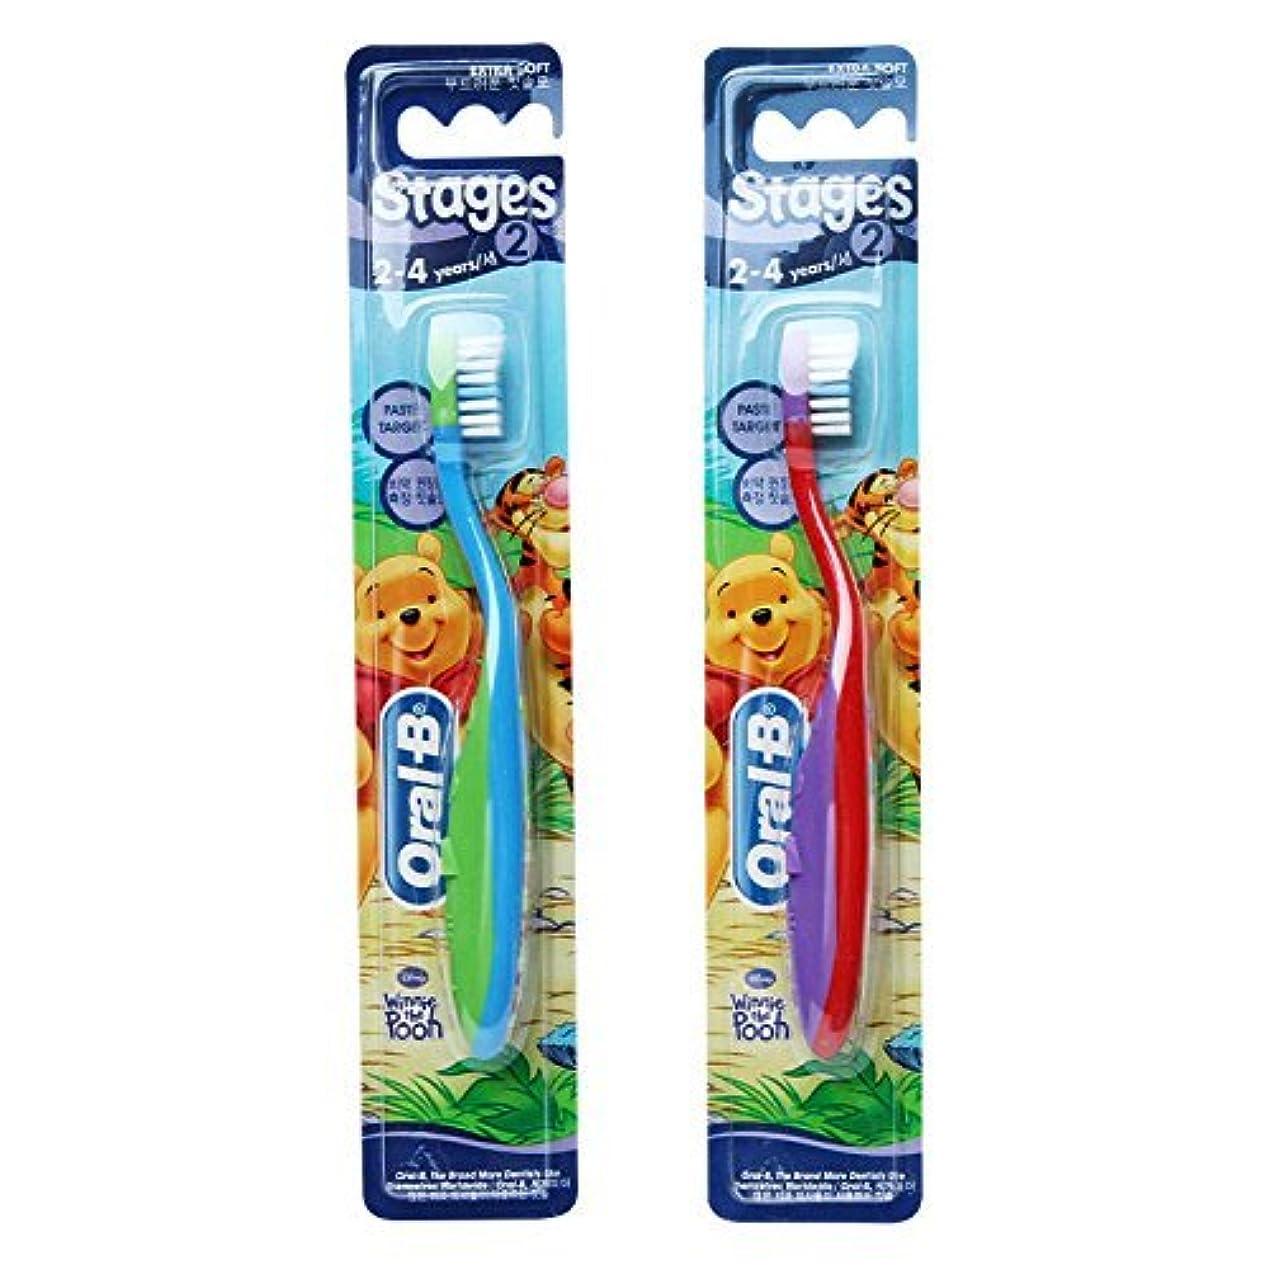 女将生偉業Oral-B Stages 2 Toothbrush 2 - 4 years 2 Pack /GENUINEと元の梱包 [並行輸入品]